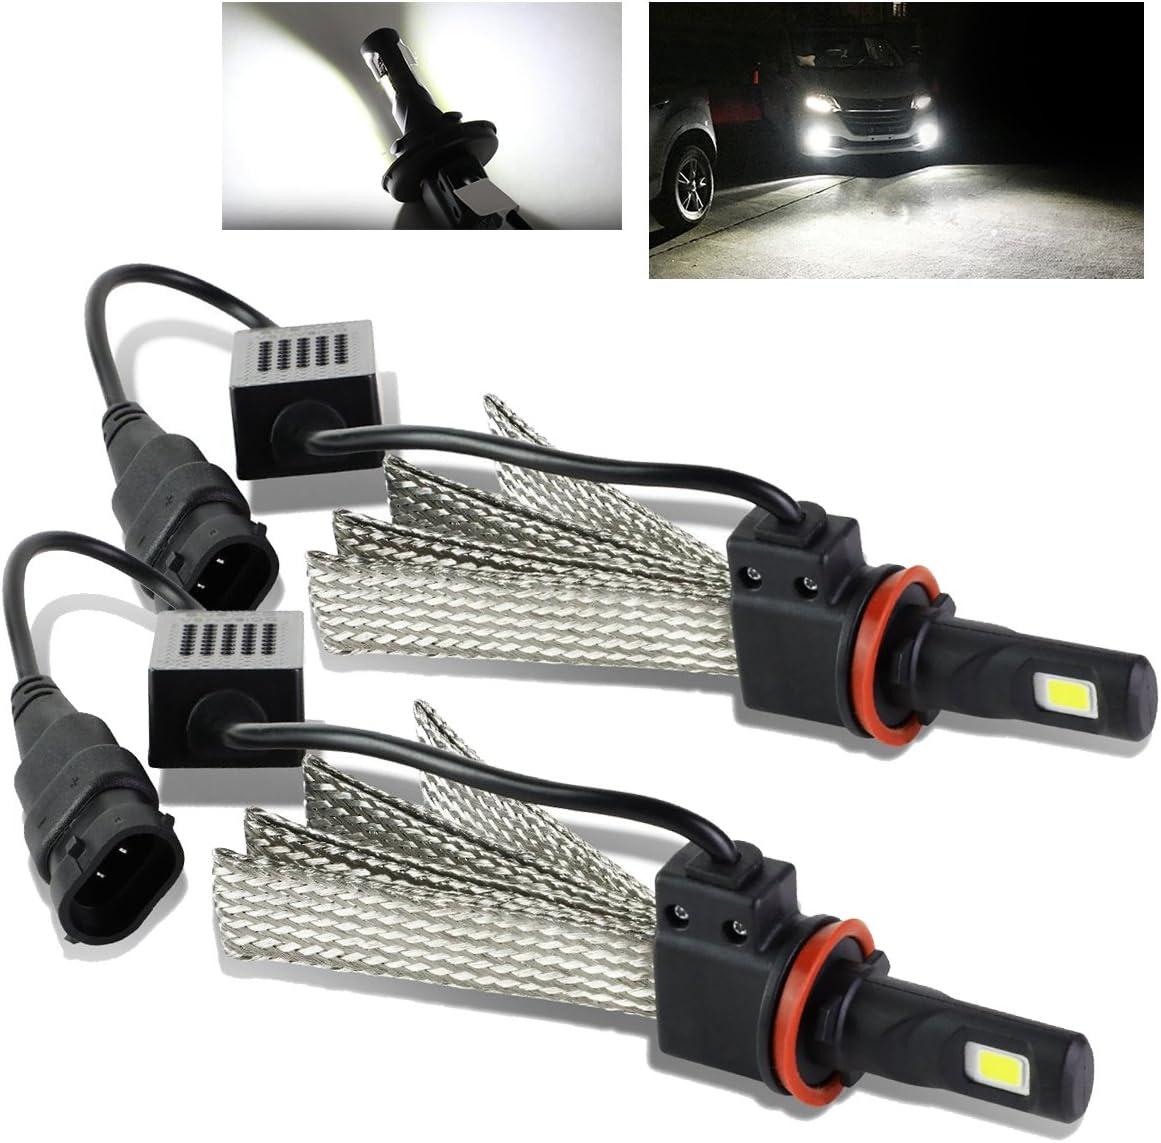 modifystreet 9005/HB3 60 W 7200LM 6000 K bombillas LED W/disipador de calor de refrigeración de aluminio cinturones para faros/luces antiniebla: Amazon.es: Coche y moto